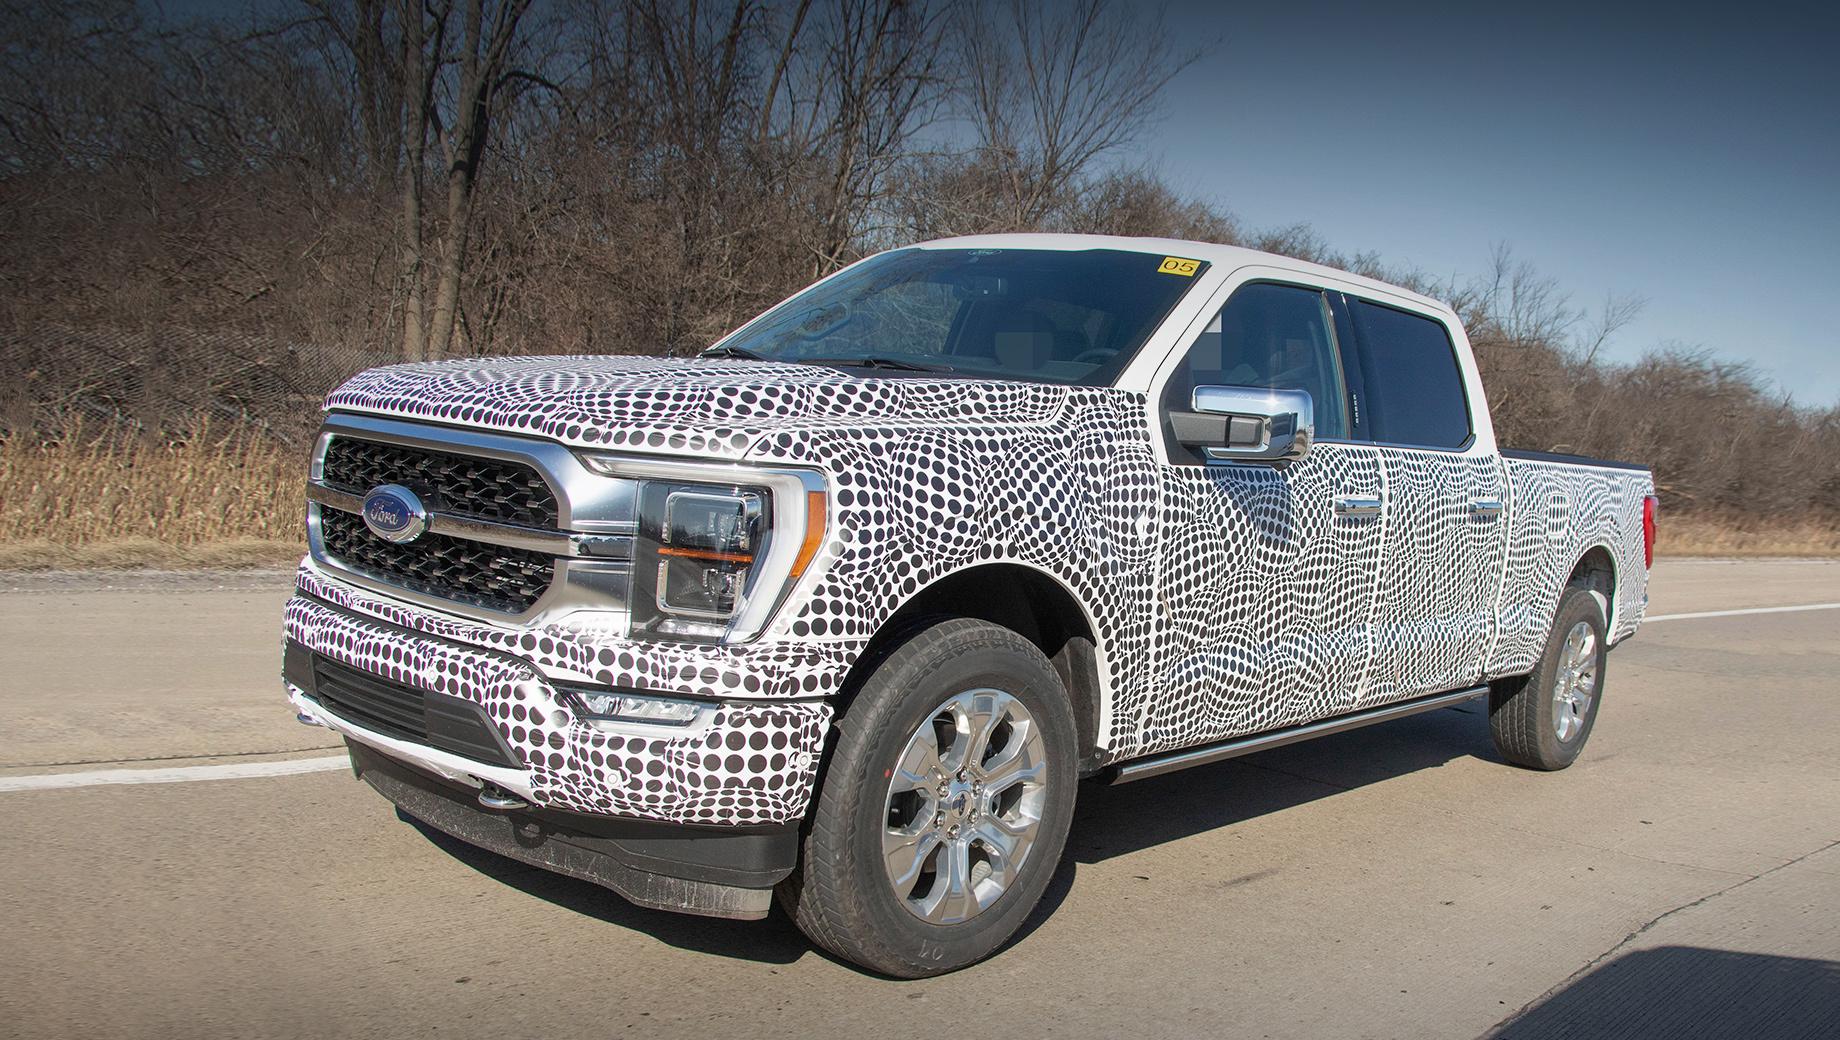 Ford f-150. Снаружи Ford F-150 изменится немного — дизайнеры подретушируют оптику, решётку радиатора и бамперы, в гамме колёс появятся новые варианты. Внешние панели, как и прежде, будут алюминиевые, а под ними — рама из высокопрочных сталей.